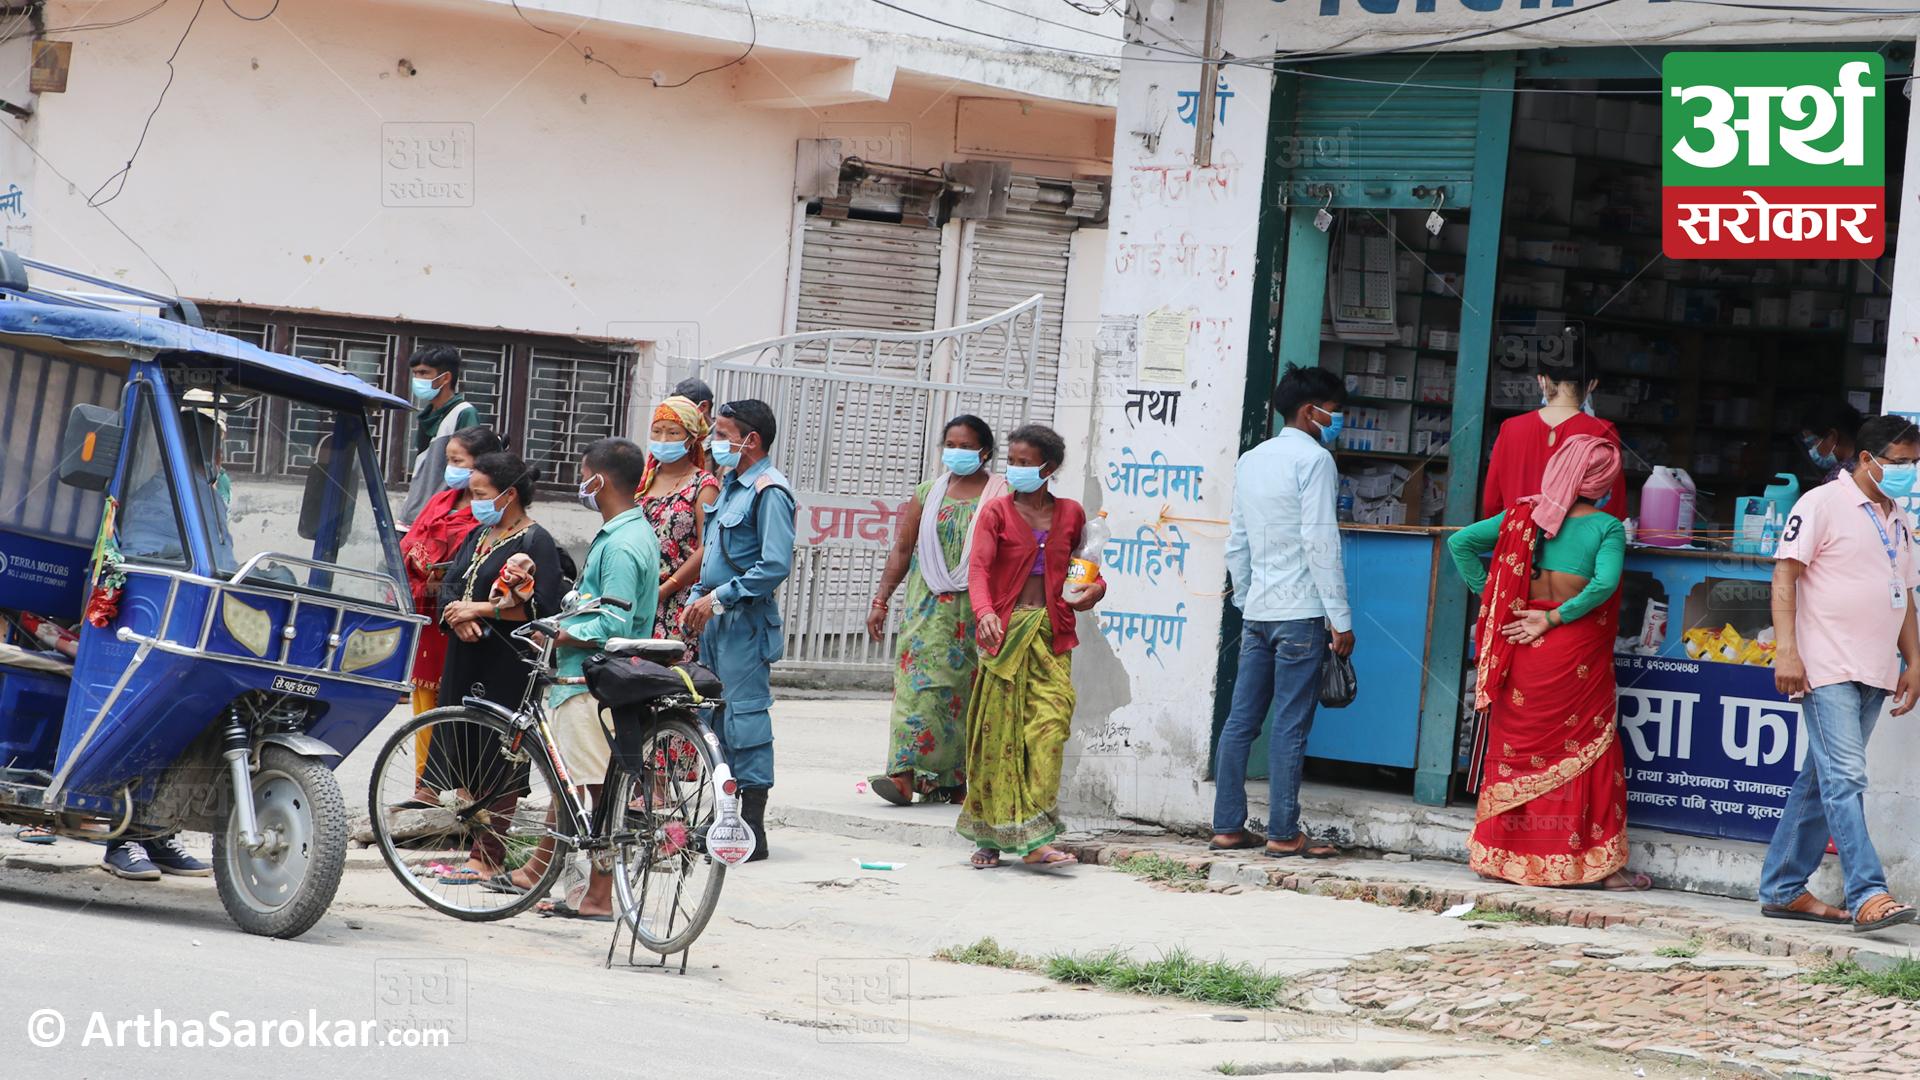 लकडाउनमा धनगढीका ४ मुख्य समस्याः व्यापार शुन्य हुँदा खाली हुँदै सटर, मजदुरी गर्नेलाई छाक टार्नै मुस्किल ! (फोटो-कथा)